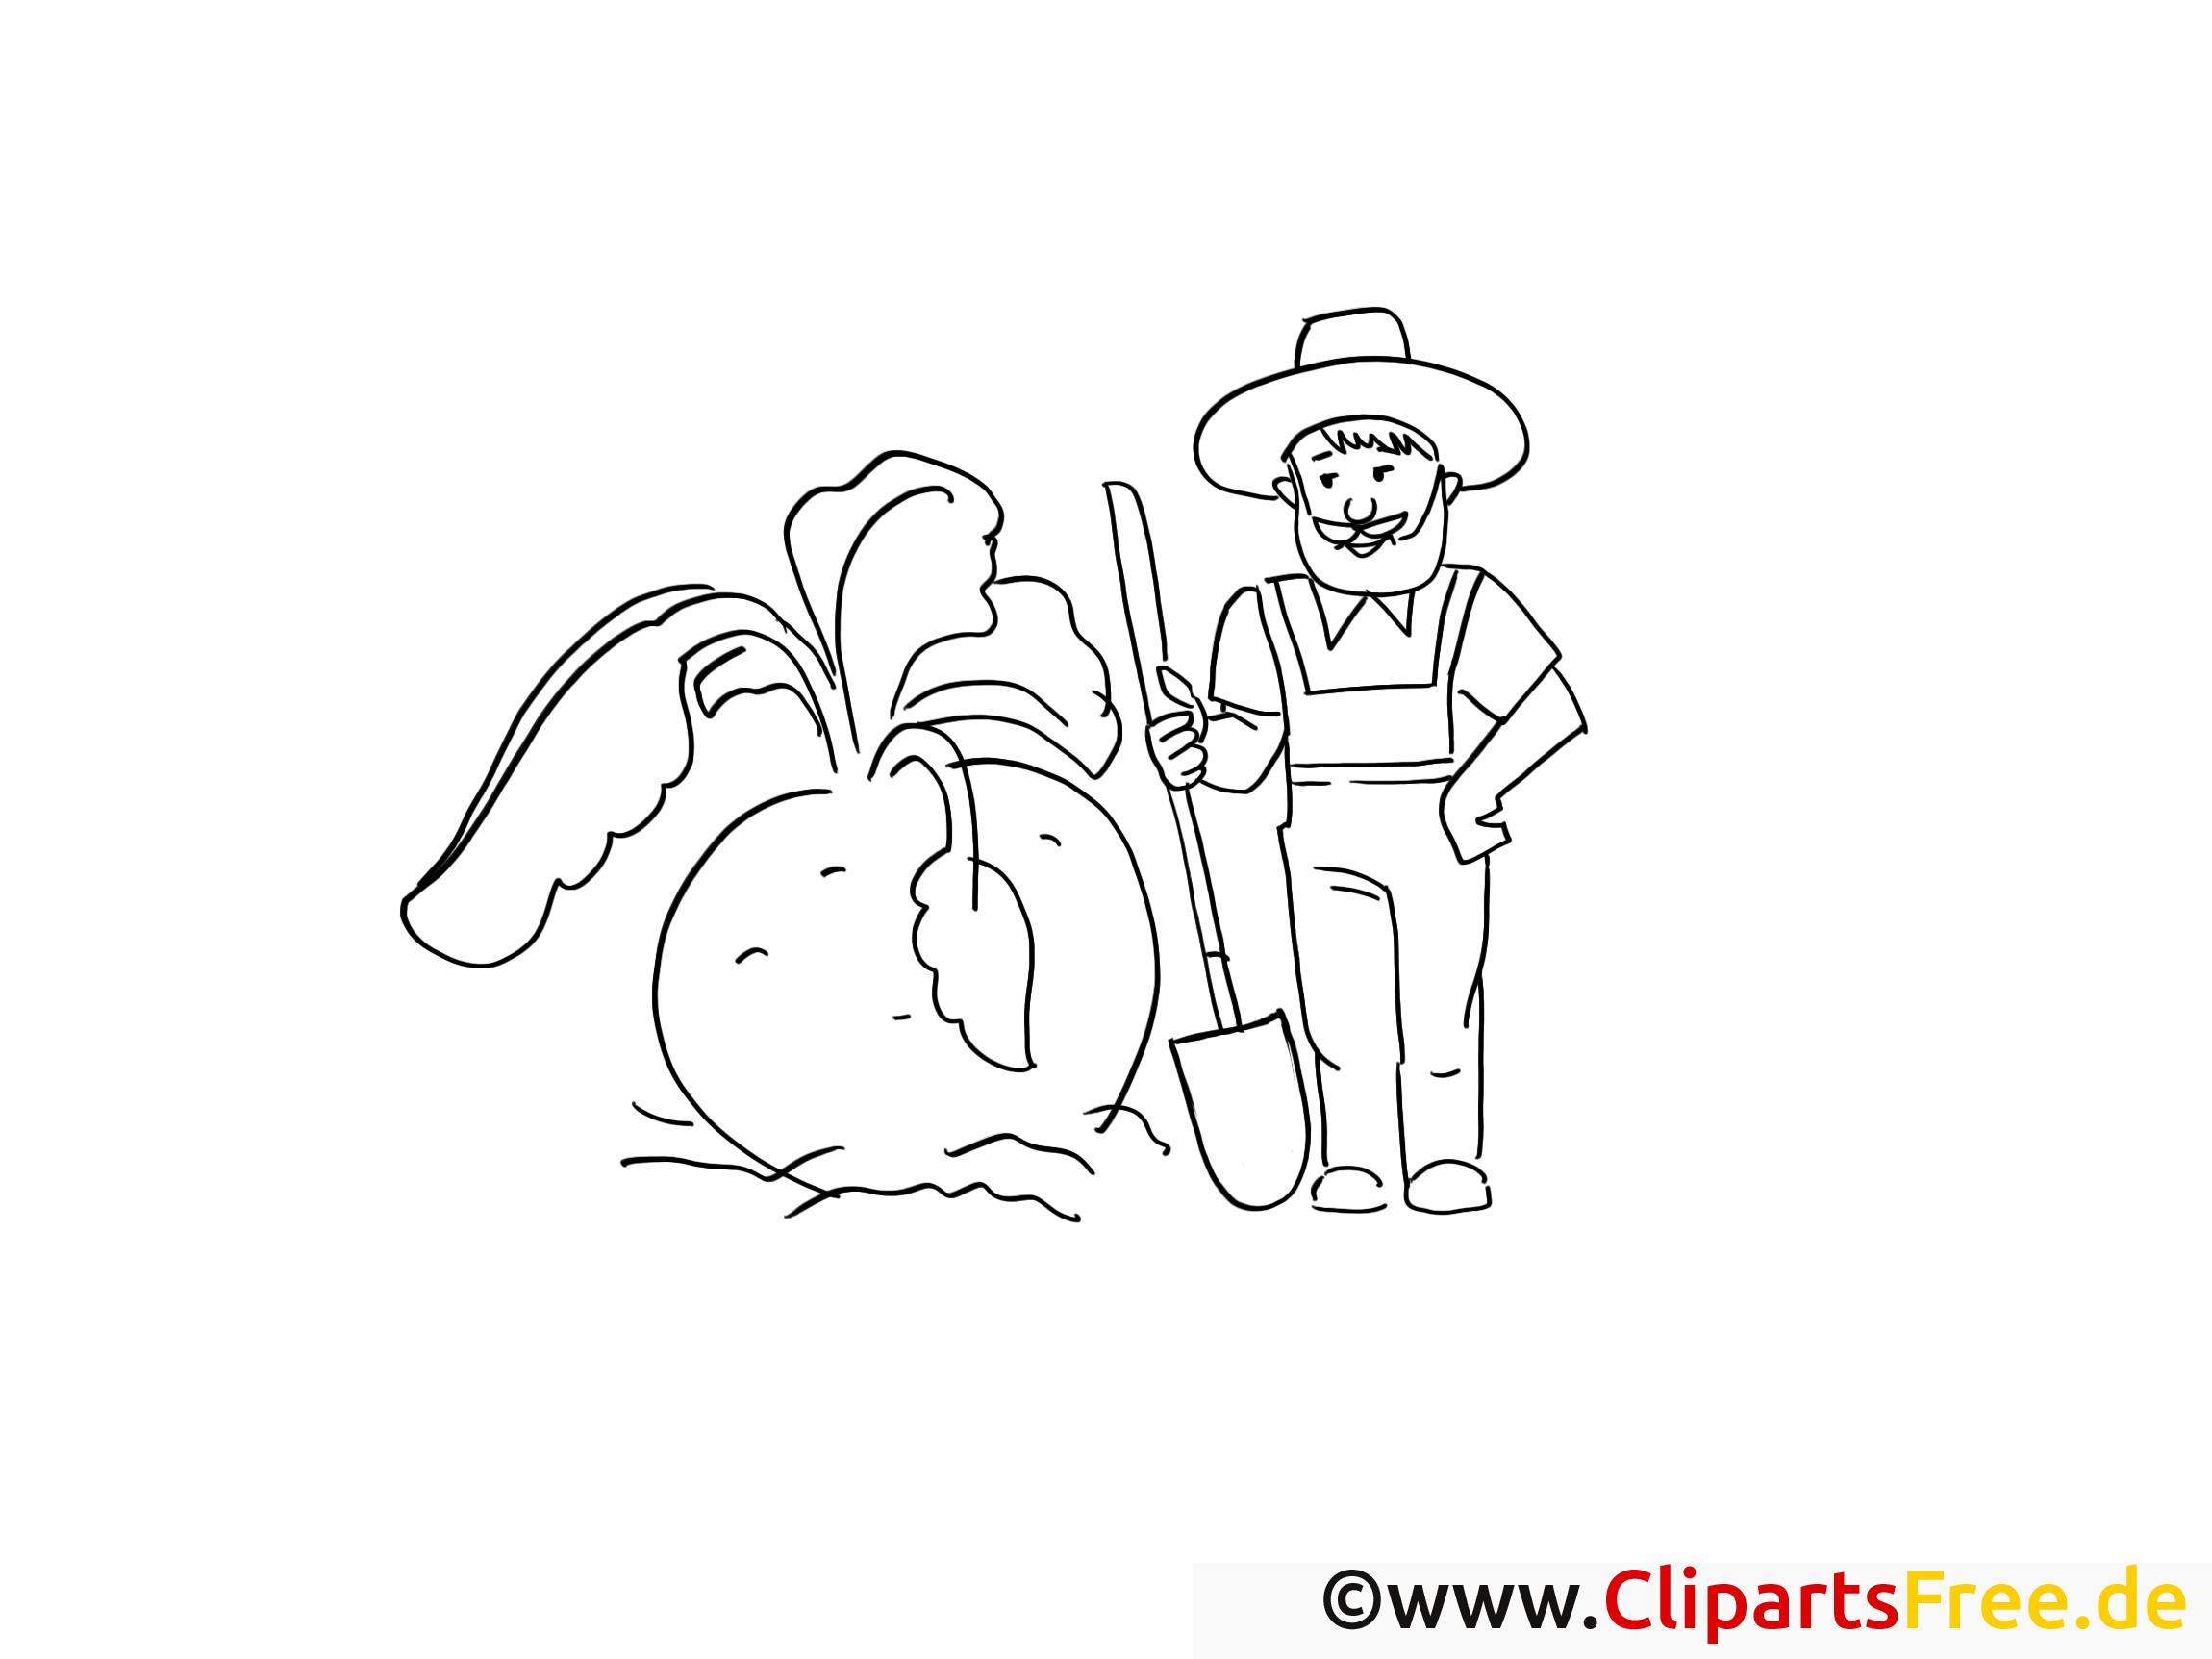 Bauer Ausmalbild zum Ausmalen kostenlos